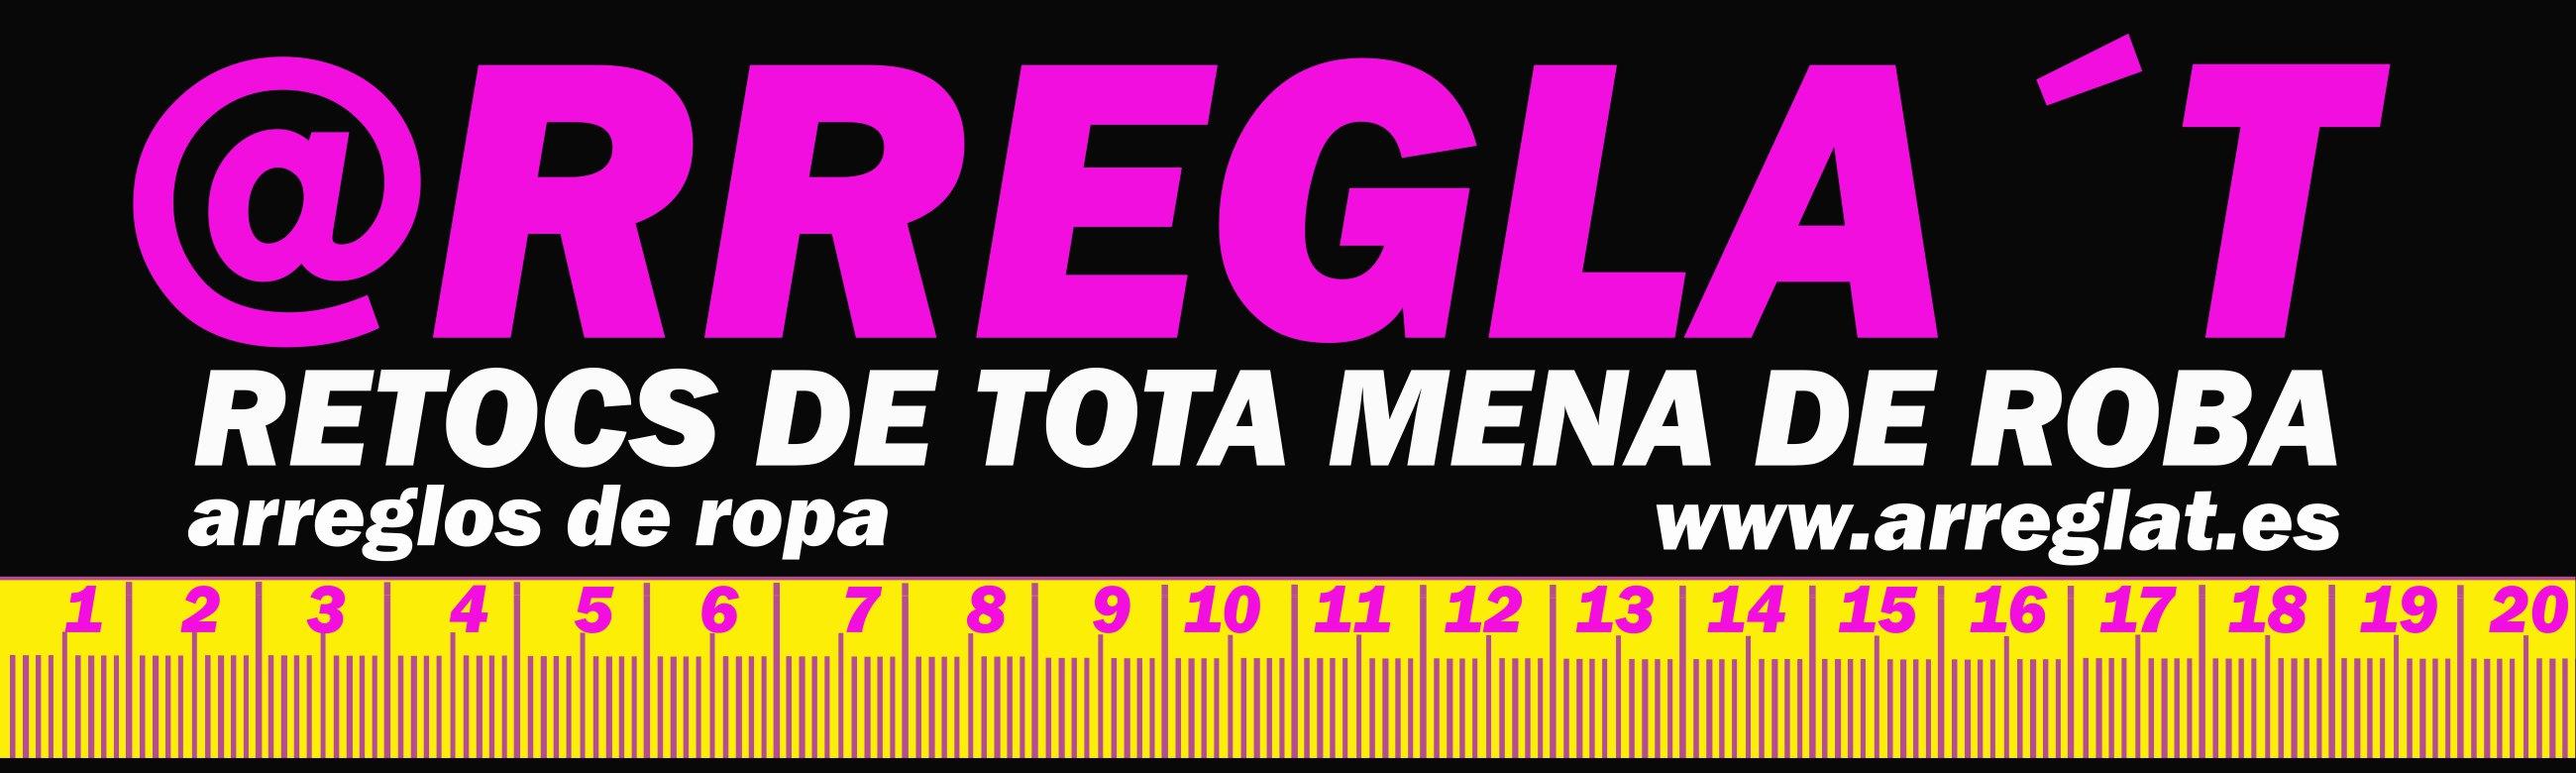 RETOCS DE TOTA MENA DE ROBA / ARREGLOS DE ROPA BARCELONA